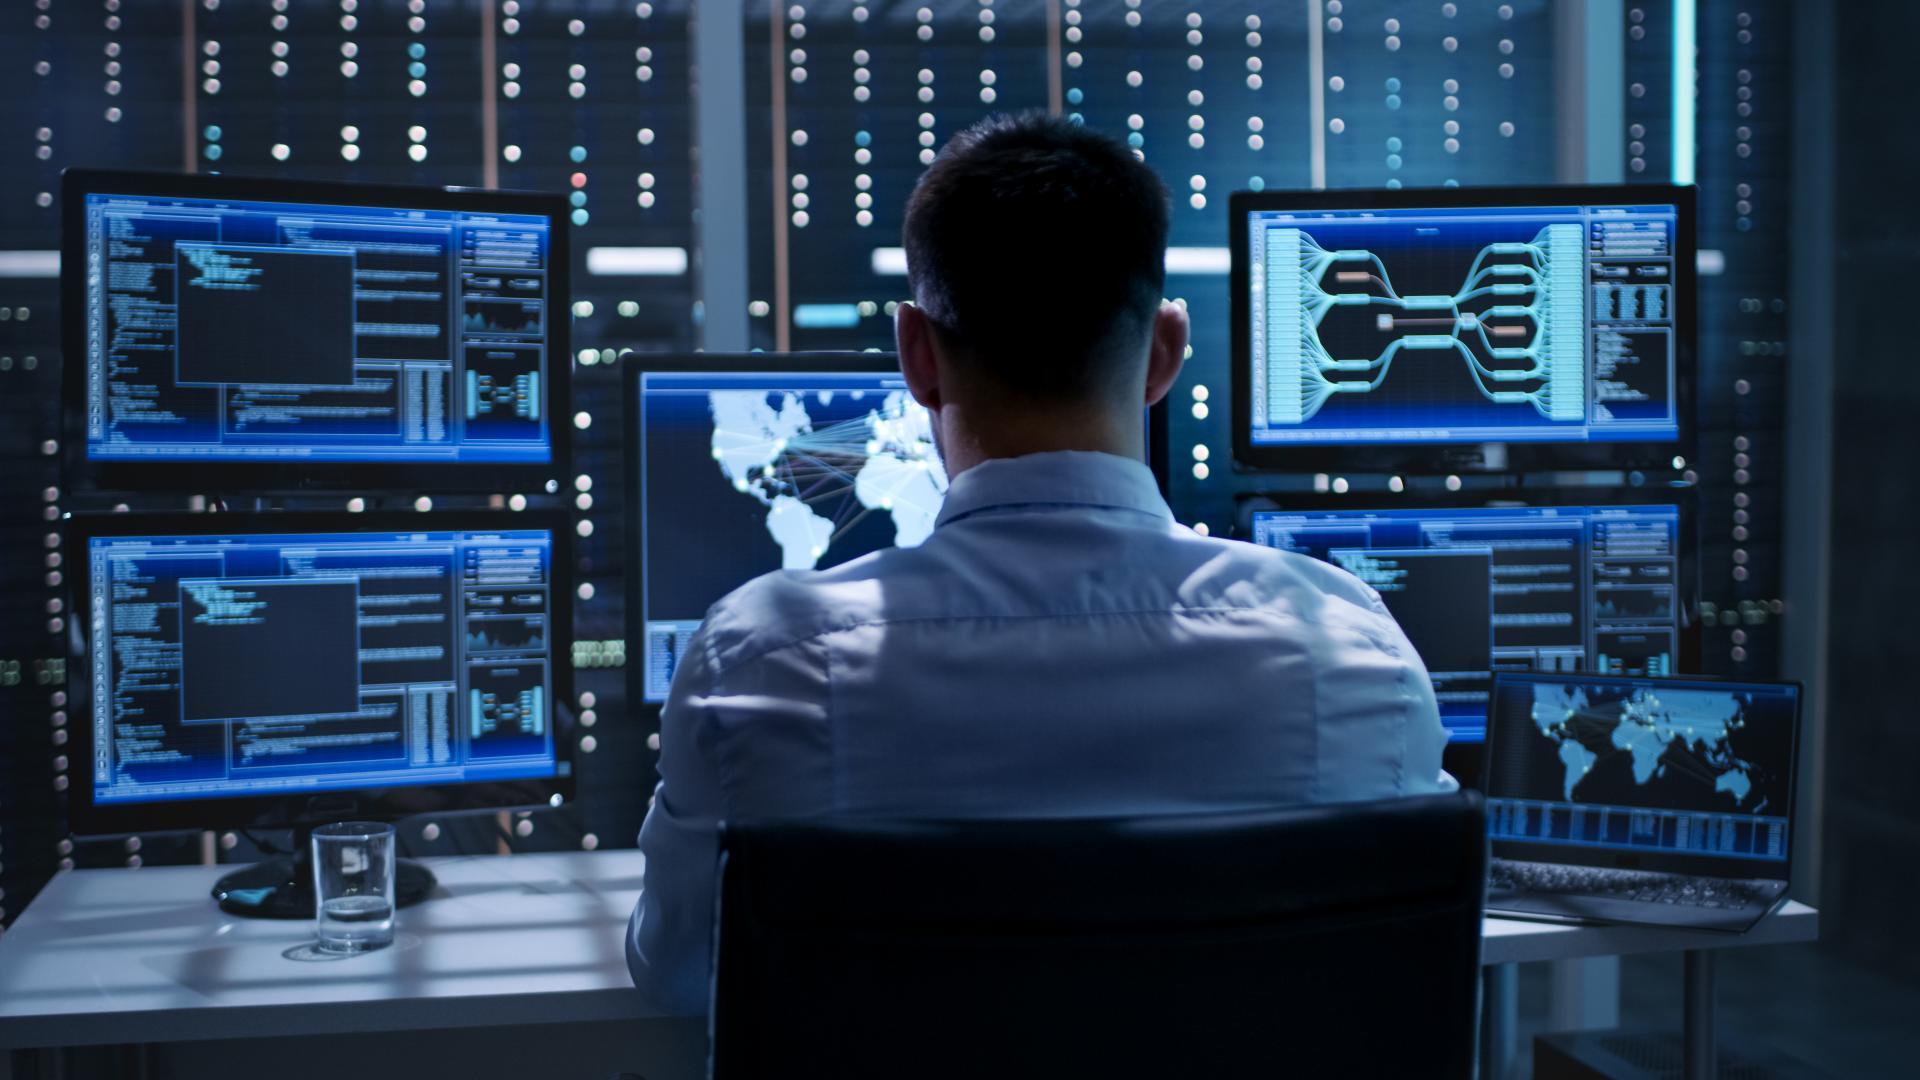 (Anketa) S čim imajo največ dela varnostno operativni centri